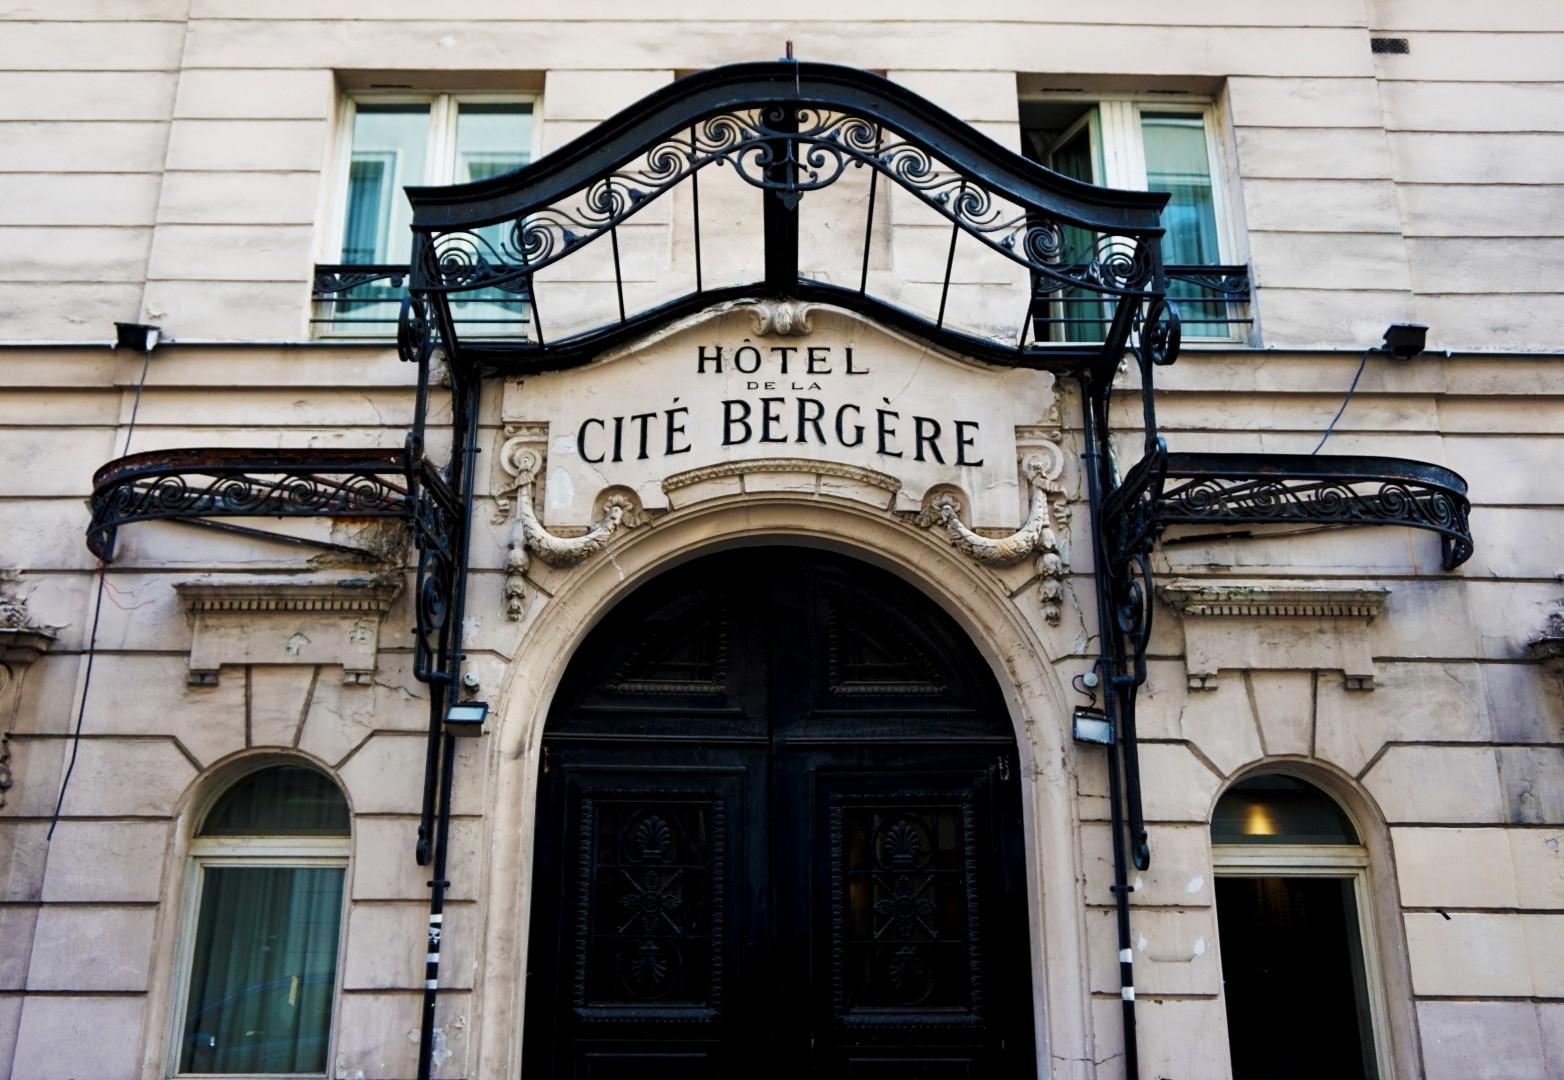 Balade dans le 9e - De Pigalle à Cadet - La Cité Bergère